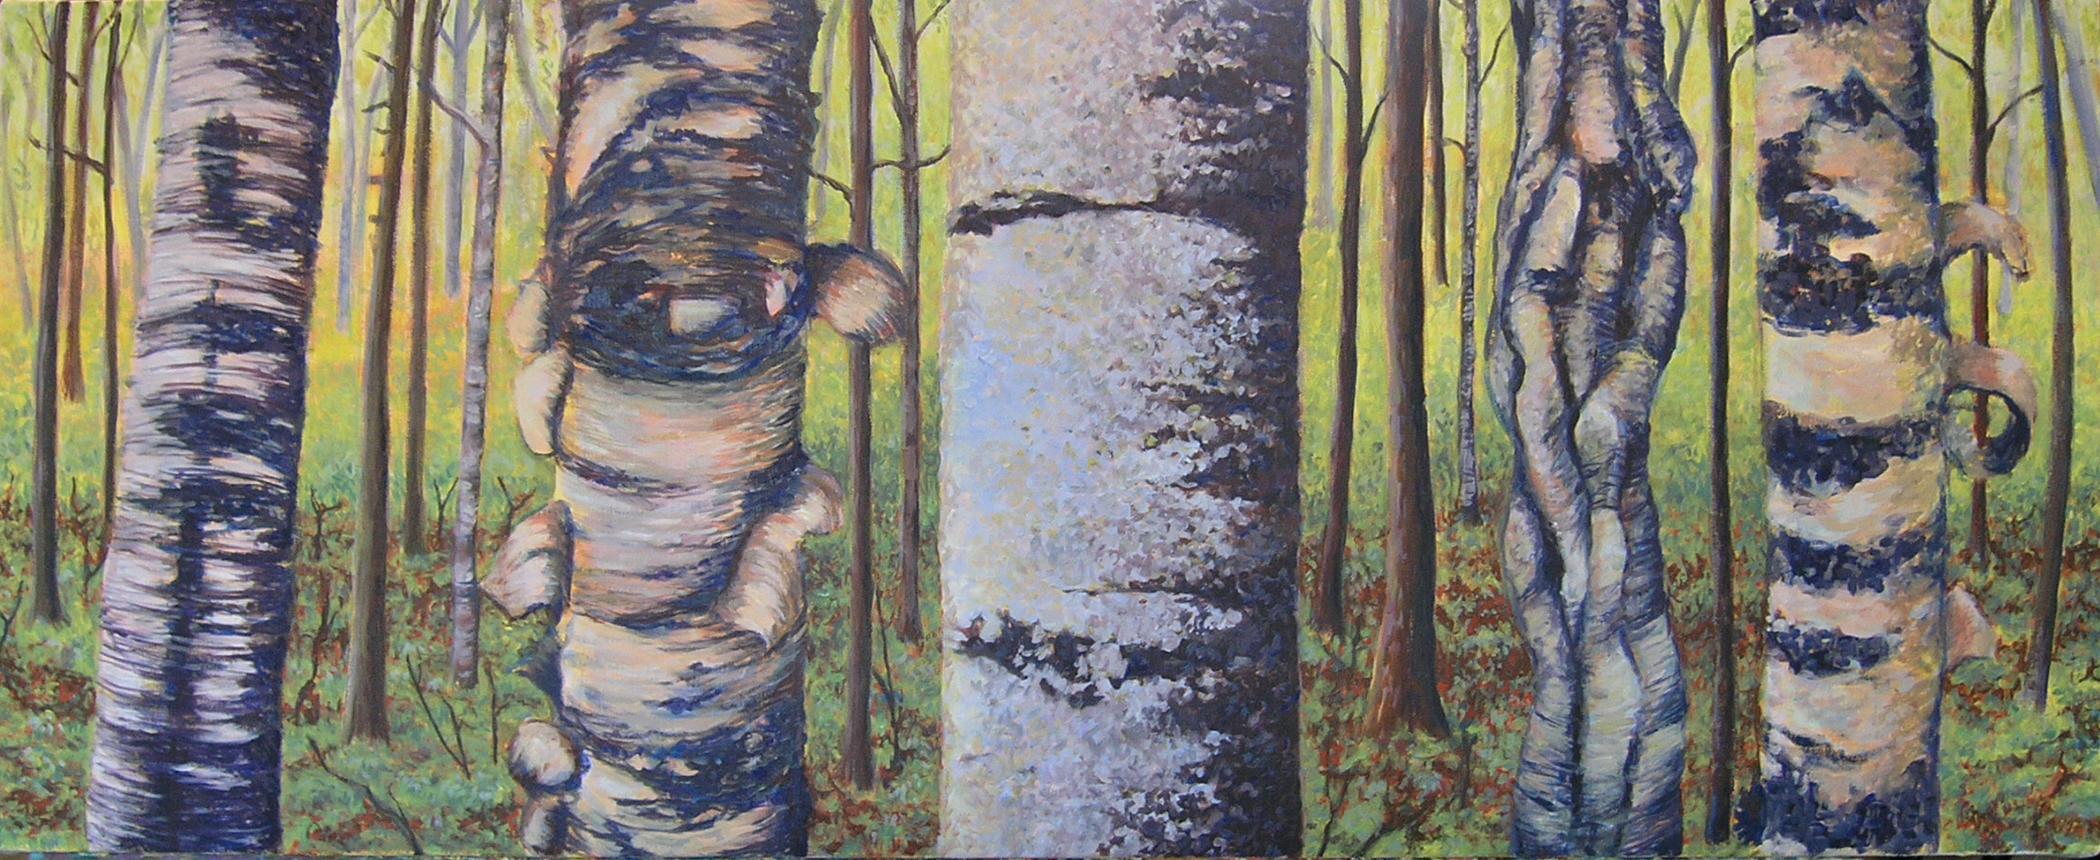 birches crop.jpg